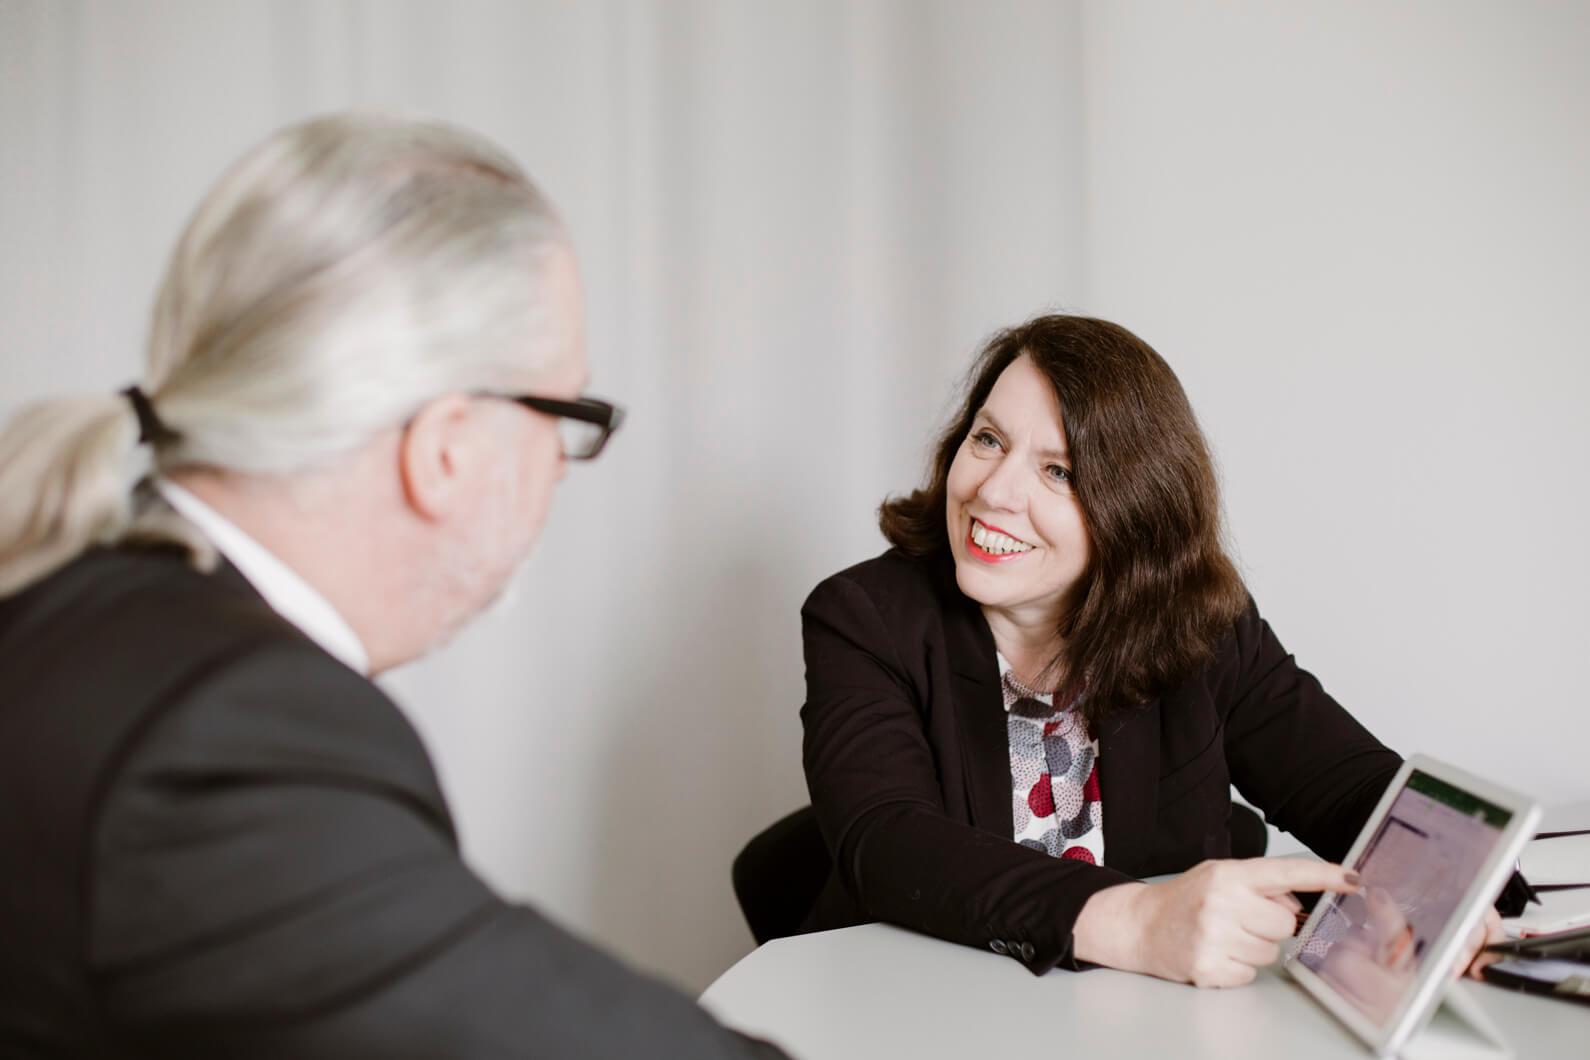 Strategie Beratung fuer Steuerberater die die richtigen Mitarbeiter finden wollen Marion Ketteler in der Beratung mit einem Kunden